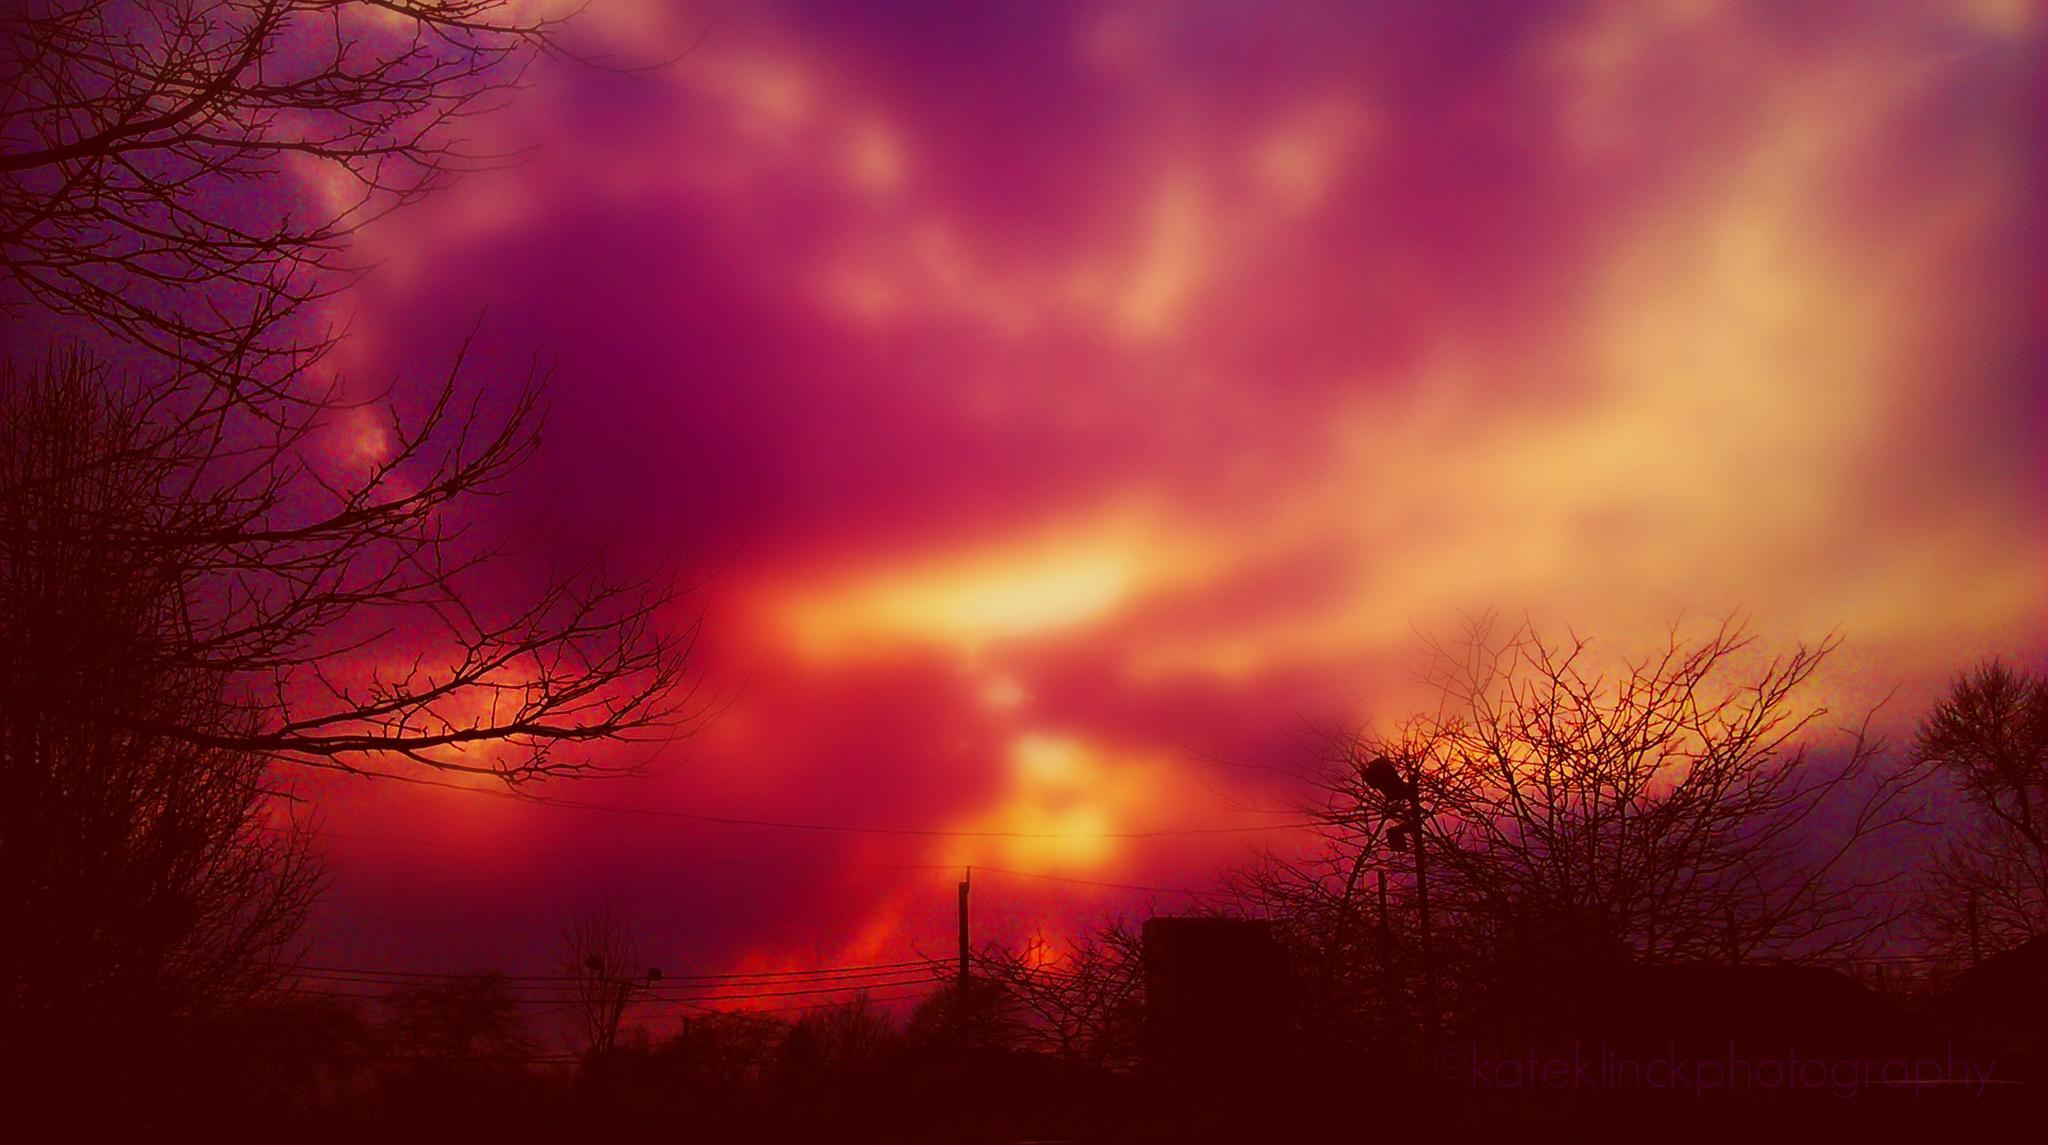 City Sunset by katherine.klinck